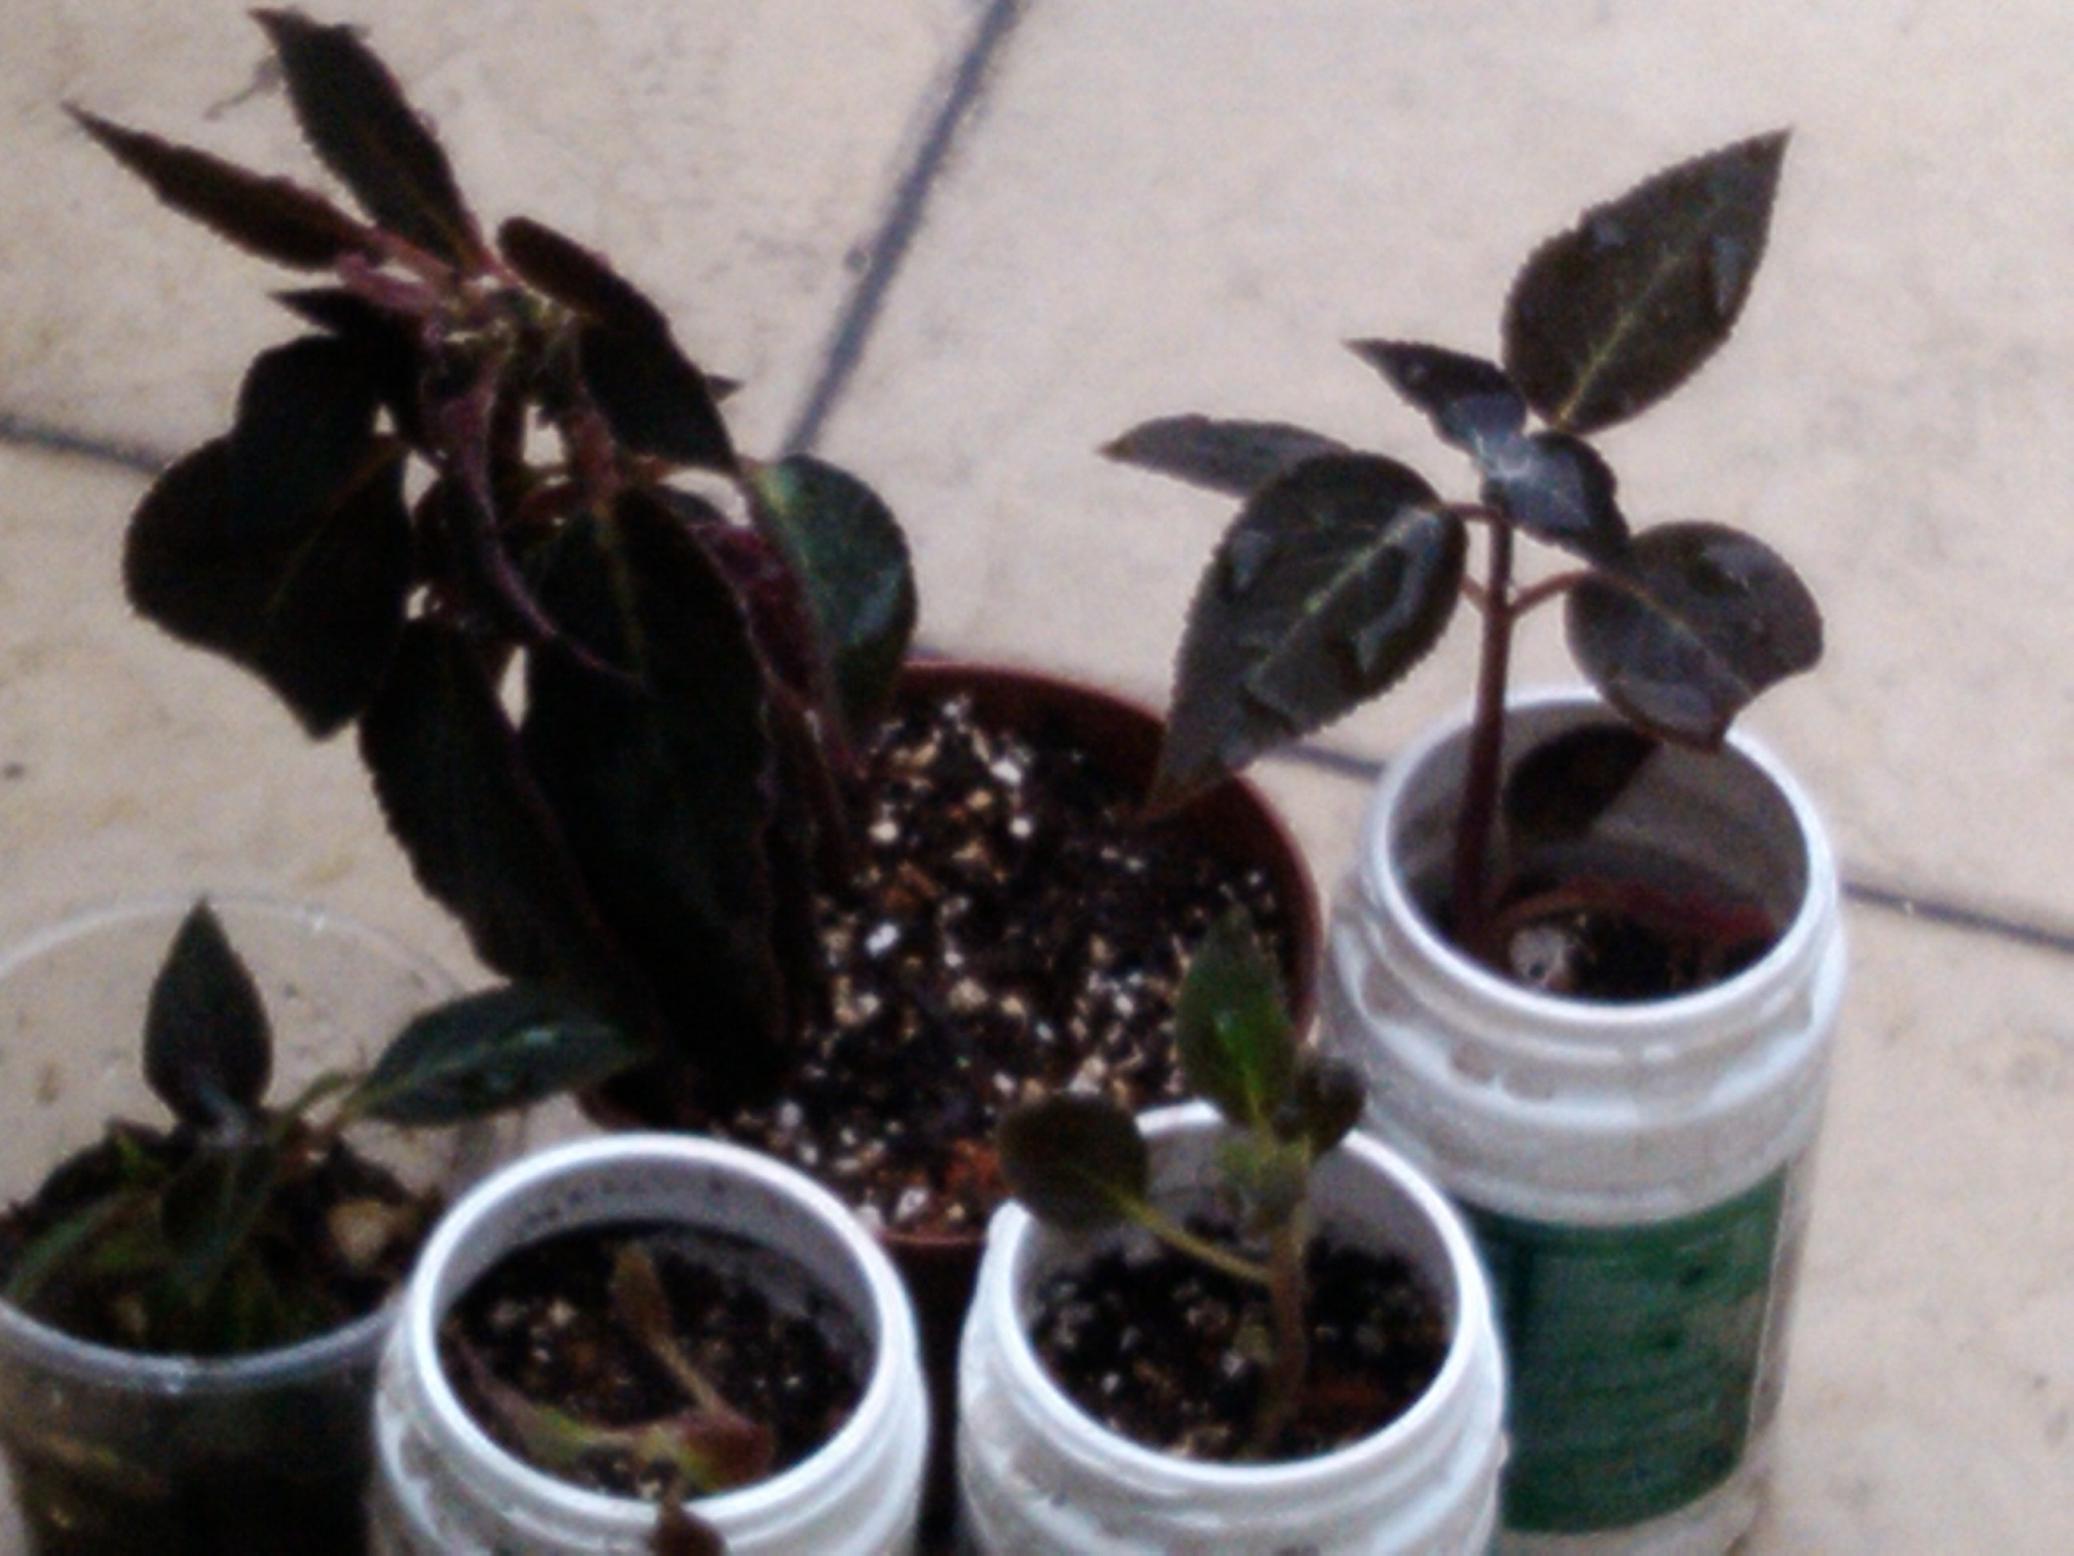 > 盛开的花猫等交换多肉十二卷属植物----万象,寿,玉扇,玉露等